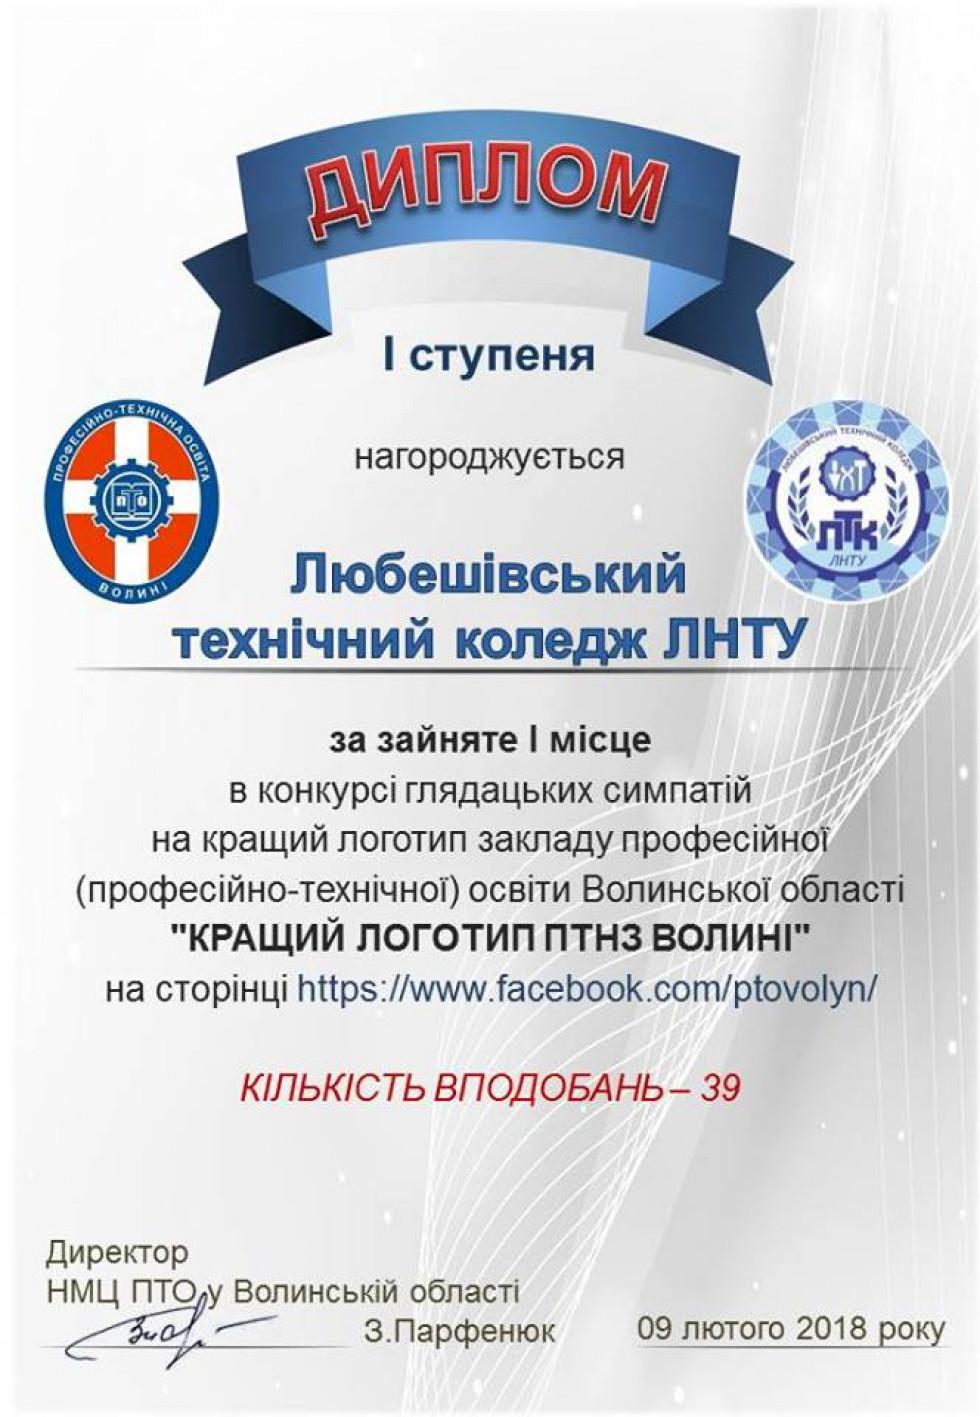 Грамота за кращий логотип  професійно-технічного навчального закладу Волині